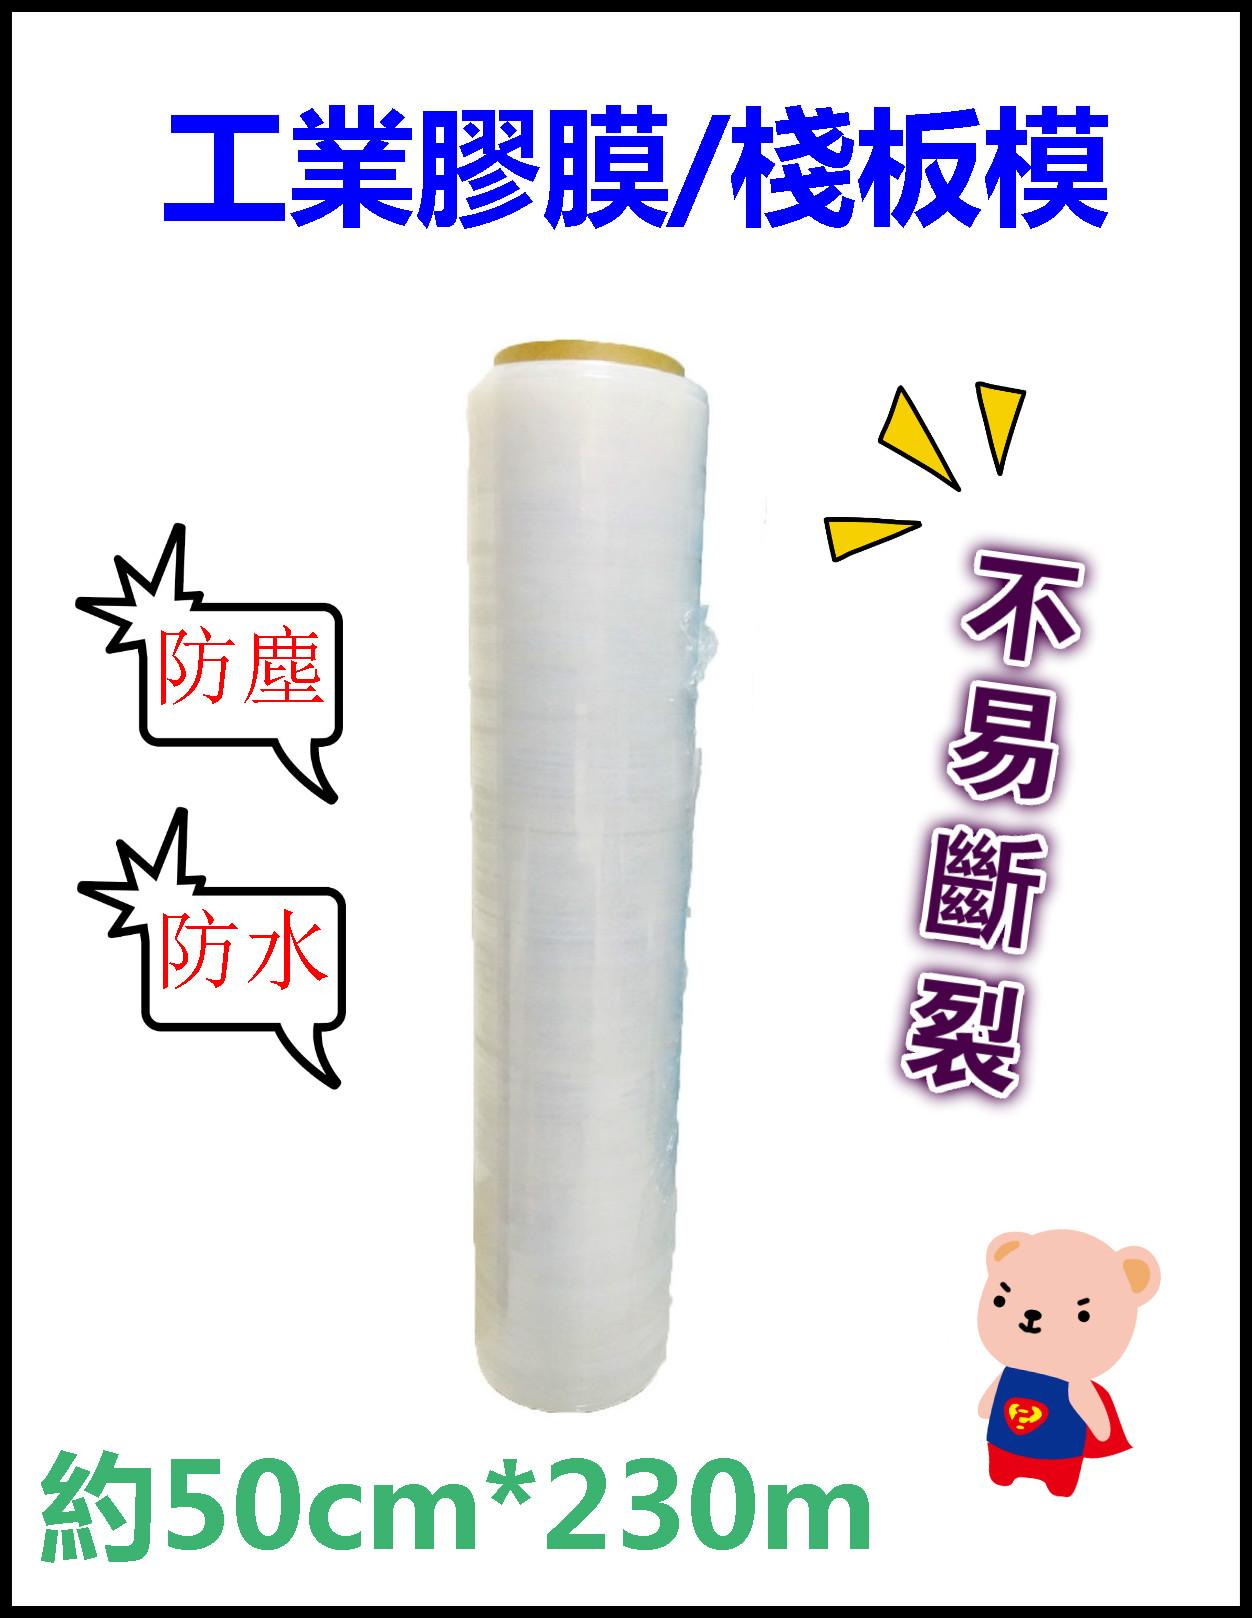 ❤含發票❤約50cm*230m一箱❤工業膠膜❤棧板模/棧板膜/膠帶/透明膠帶/膠膜/PE膜/膠帶/包裝❤1710